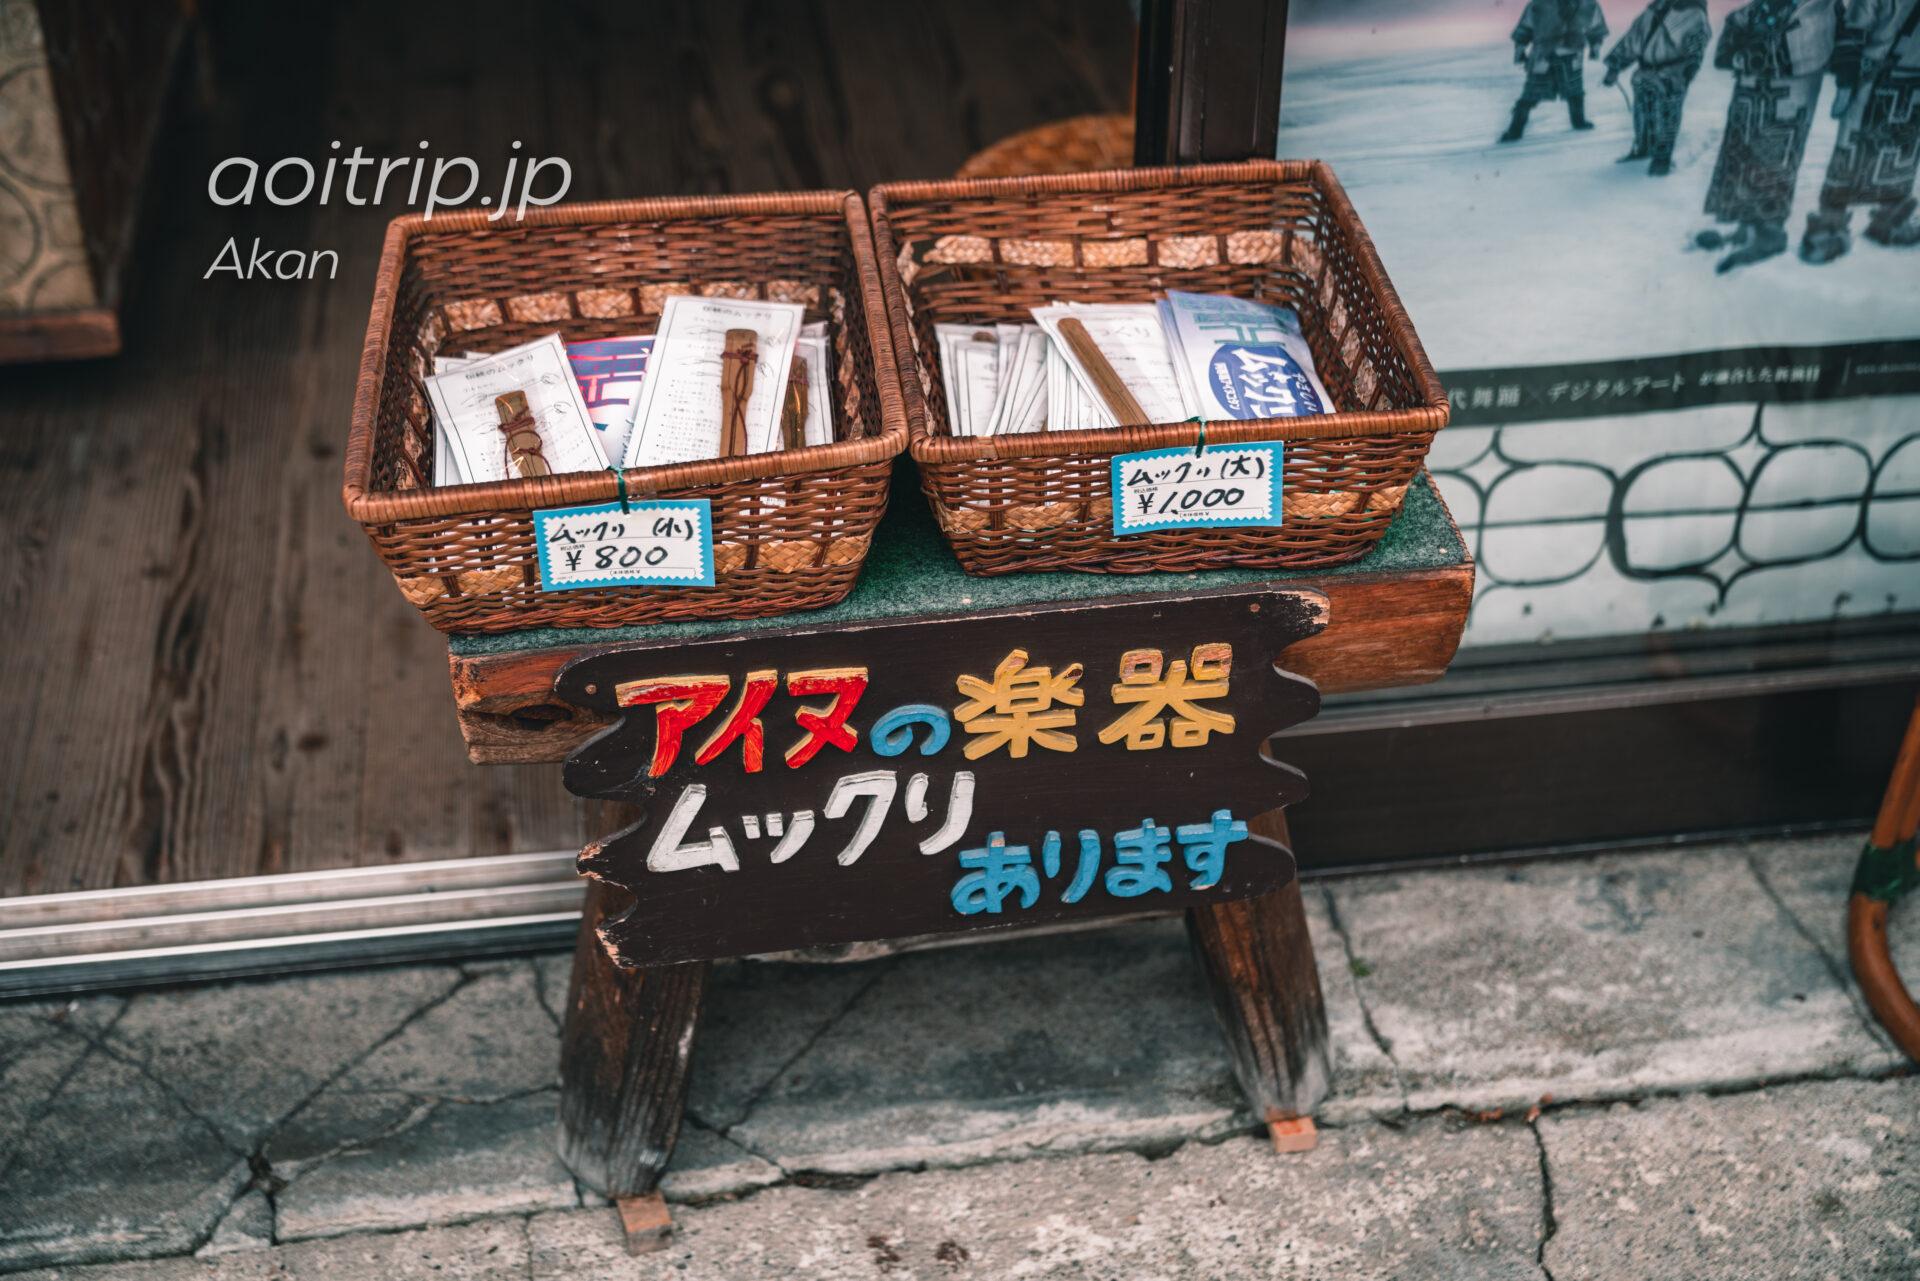 阿寒湖アイヌコタン Ainu Kotan アイヌの楽器むっくり